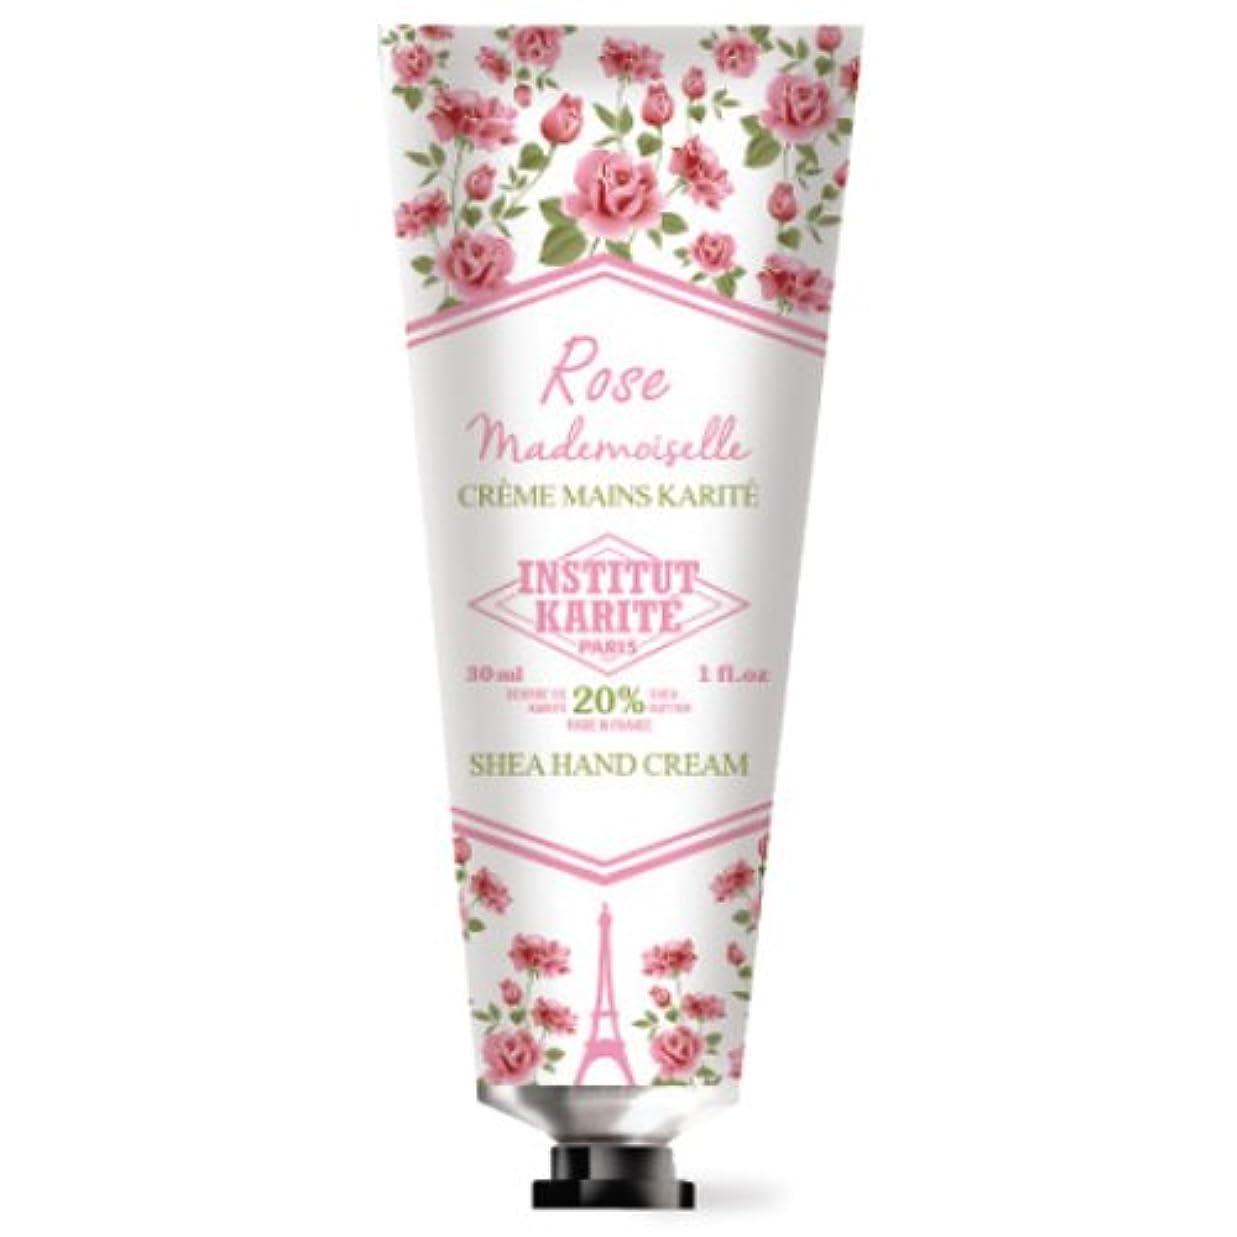 整理するサラダ事務所INSTITUT KARITE カリテ Rose Mademoiselle クラシックローズ ハンドクリーム 30ml